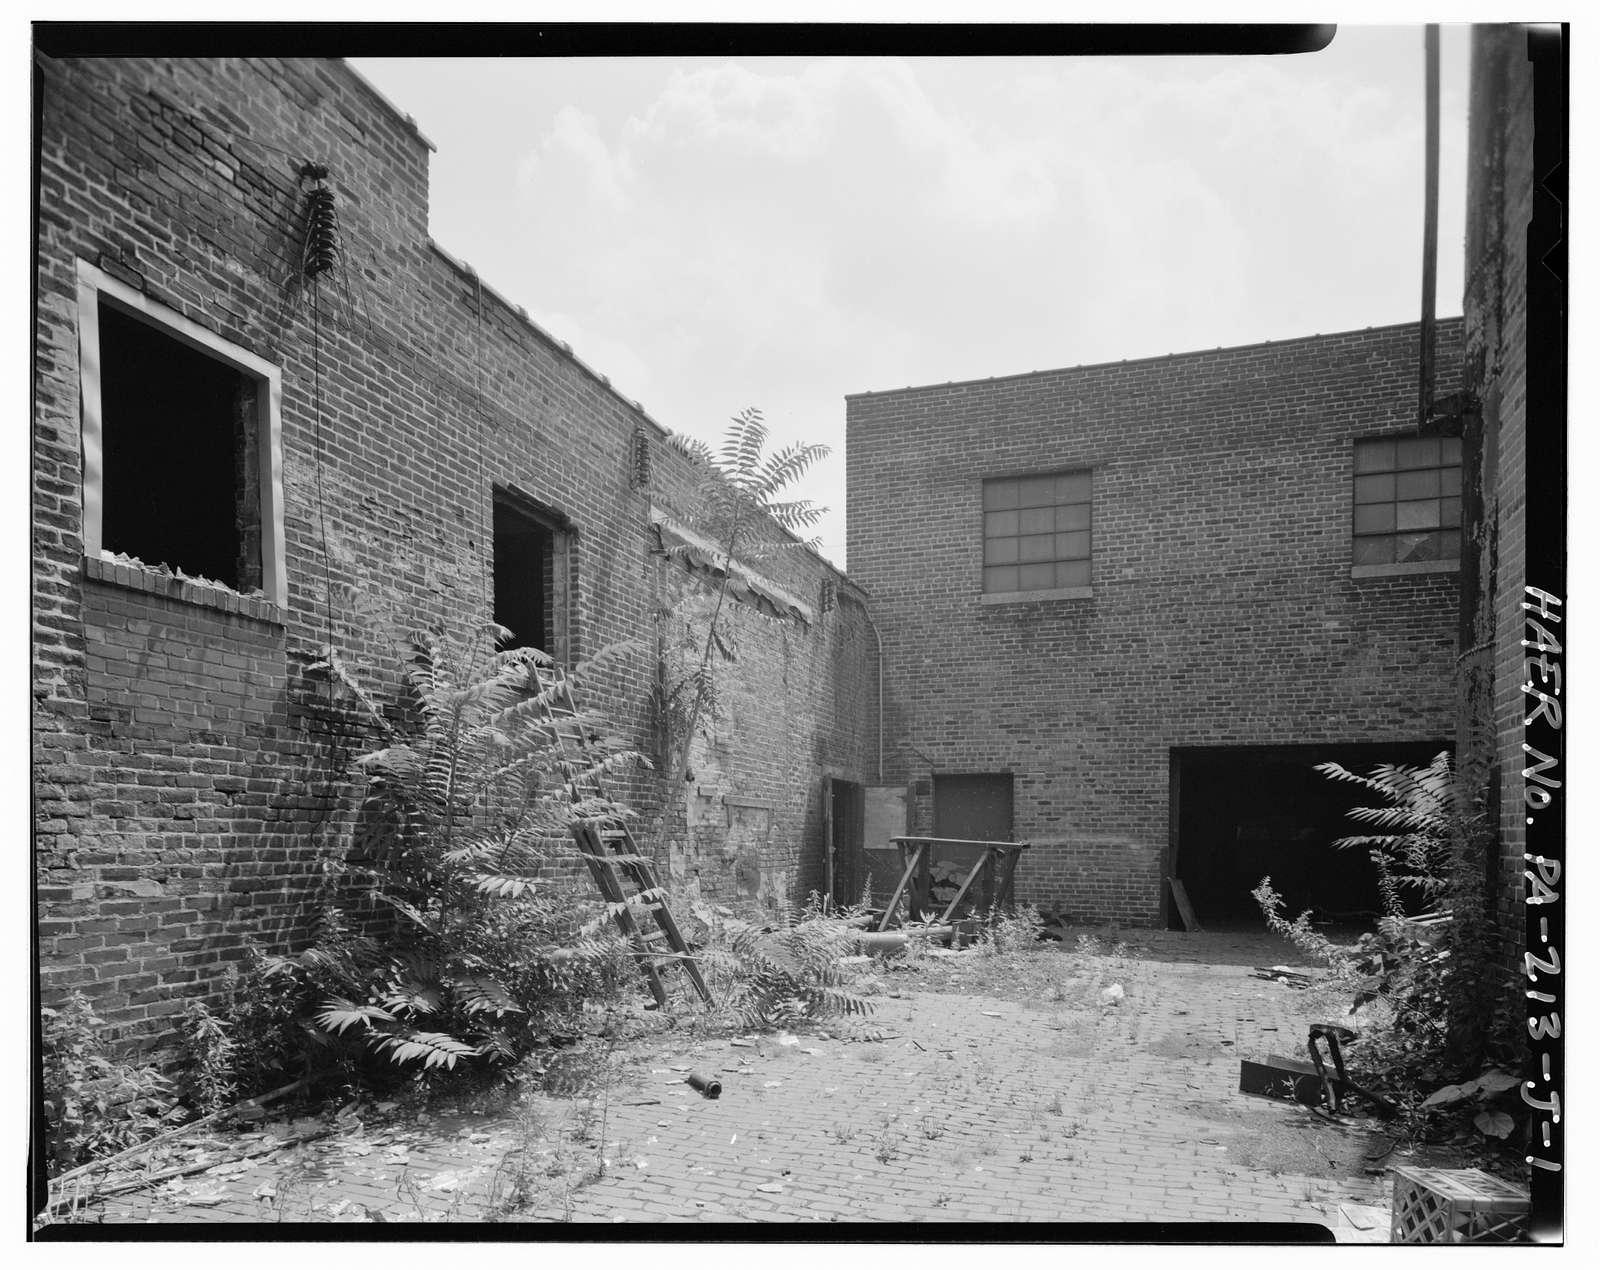 Daniel F. Waters Germantown Dye Works, Building J, 37-55 East Wister Street, Philadelphia, Philadelphia County, PA